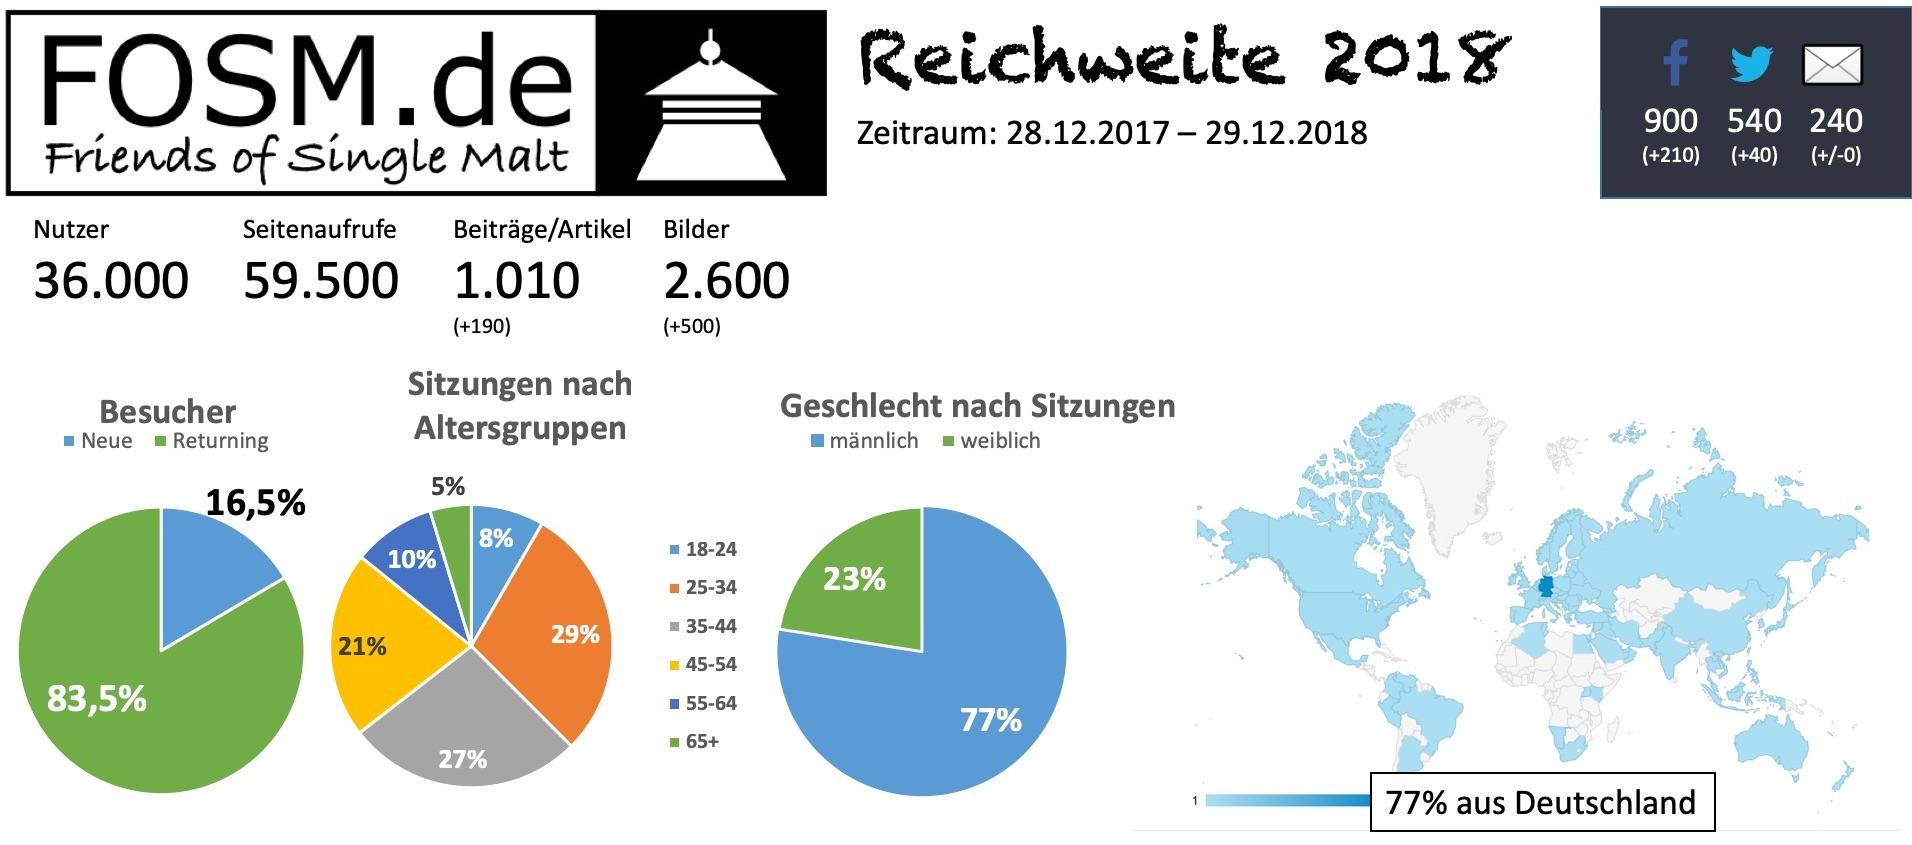 fosm Reichweite 2018